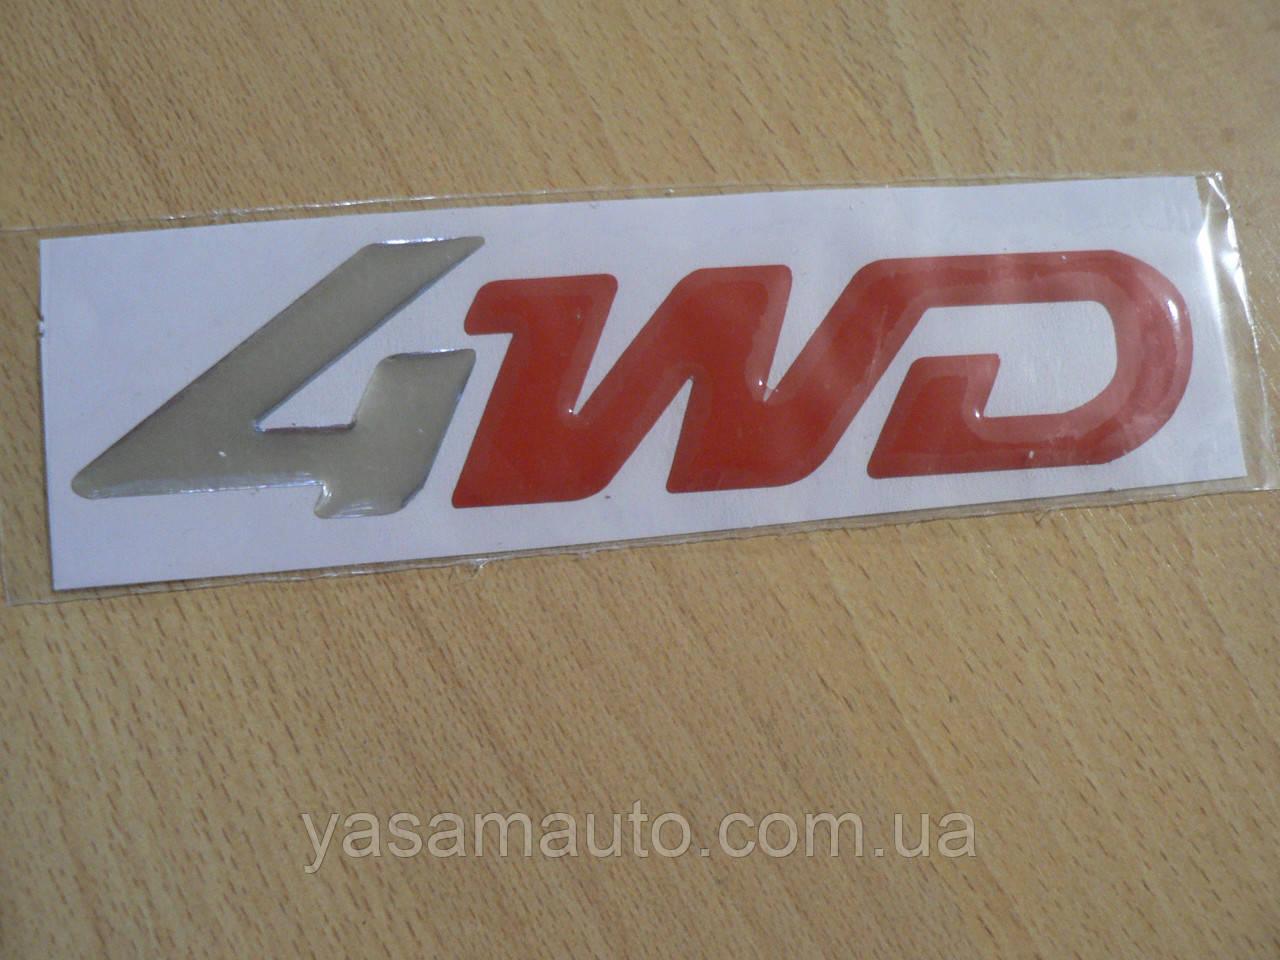 Наклейка s силиконовая надпись 4WD 170х41х1,3мм серебристая с красным орнамент 4вд полный привод на авто